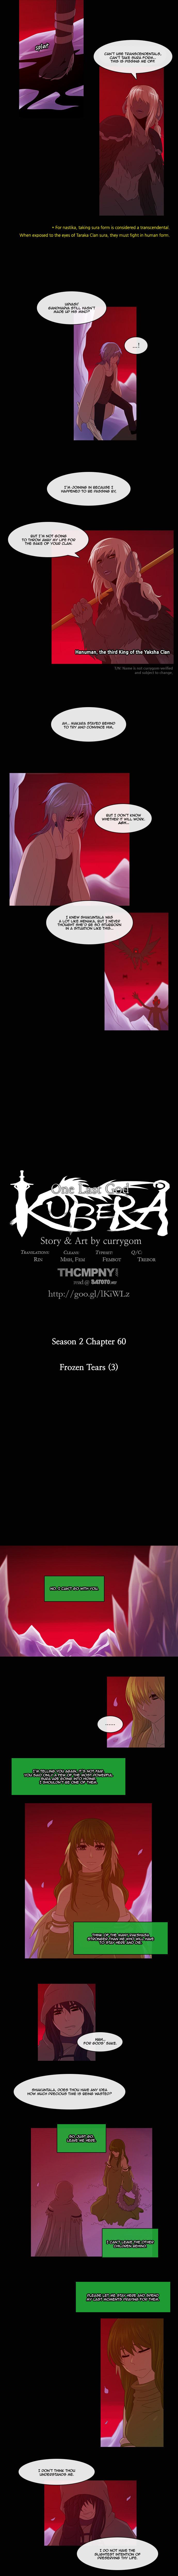 Kubera 162 Page 1